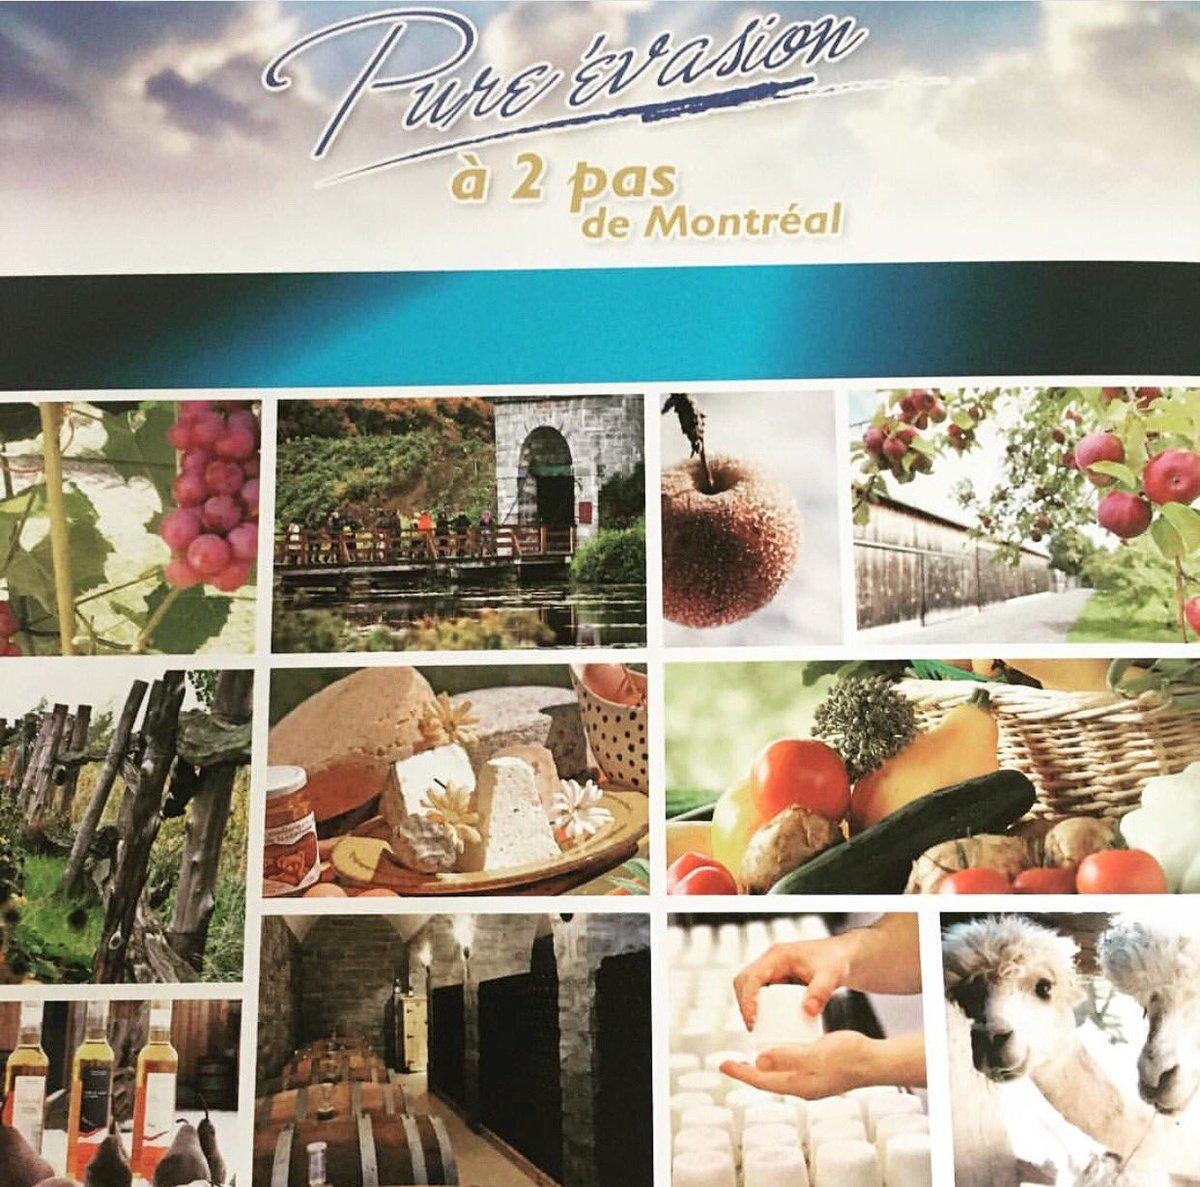 Bonnes vacances à tous! Si vous chercher une escapade pensez à la Montérégie @circuitdupaysan. Visitez la Cidrerie du Minot Sourires aux lèvres lecircuitdupaysan.com N'oubliez pas les champs de lavande de lavandou et l'auto-cuillette de petits fruits 🍓